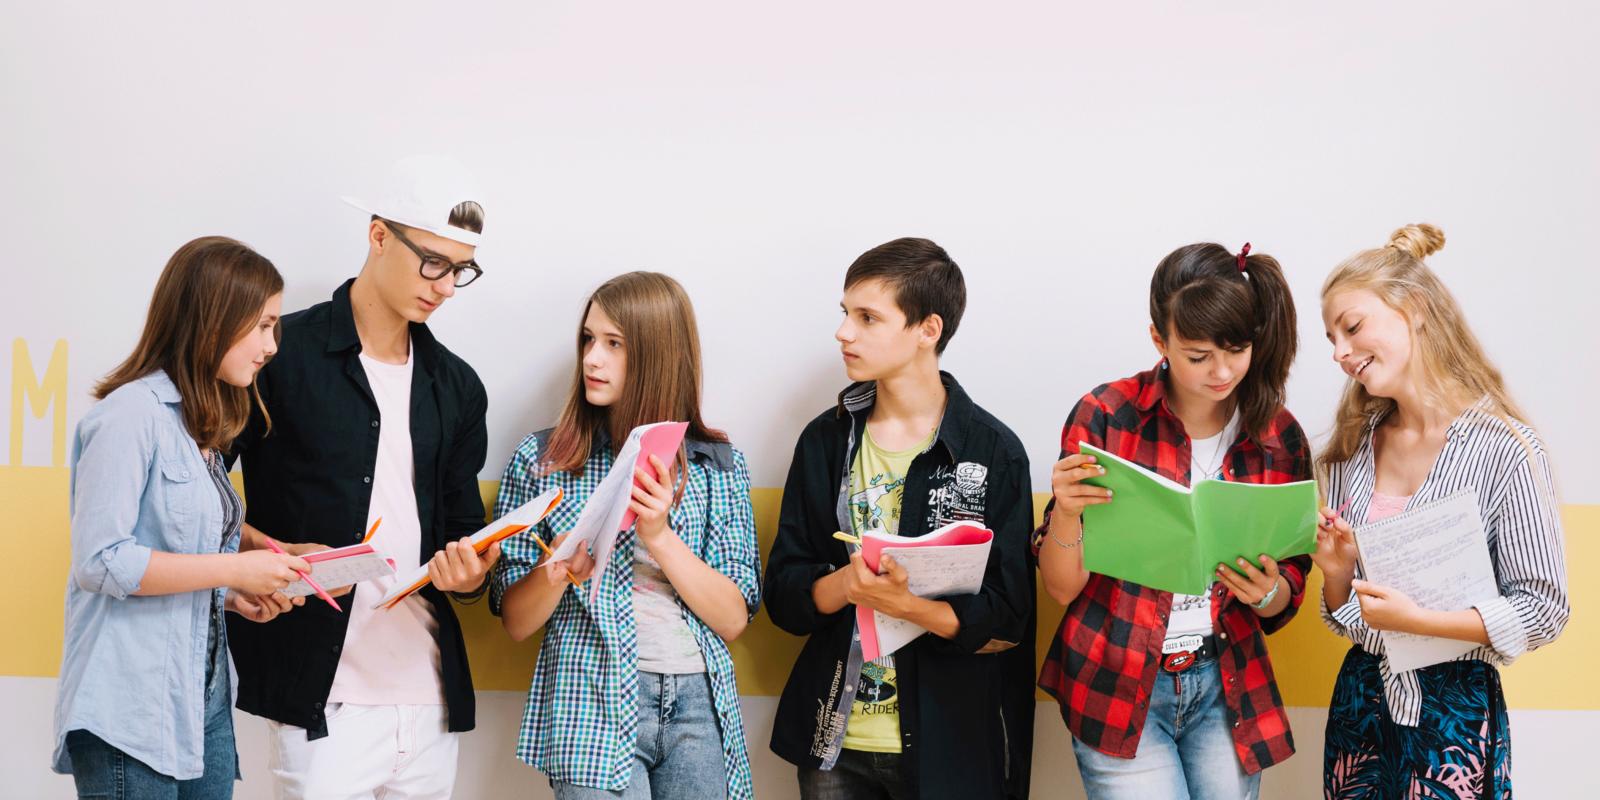 Tarptautiniai egzaminai – objektyviam žinių įvertinimui ir motyvacijai